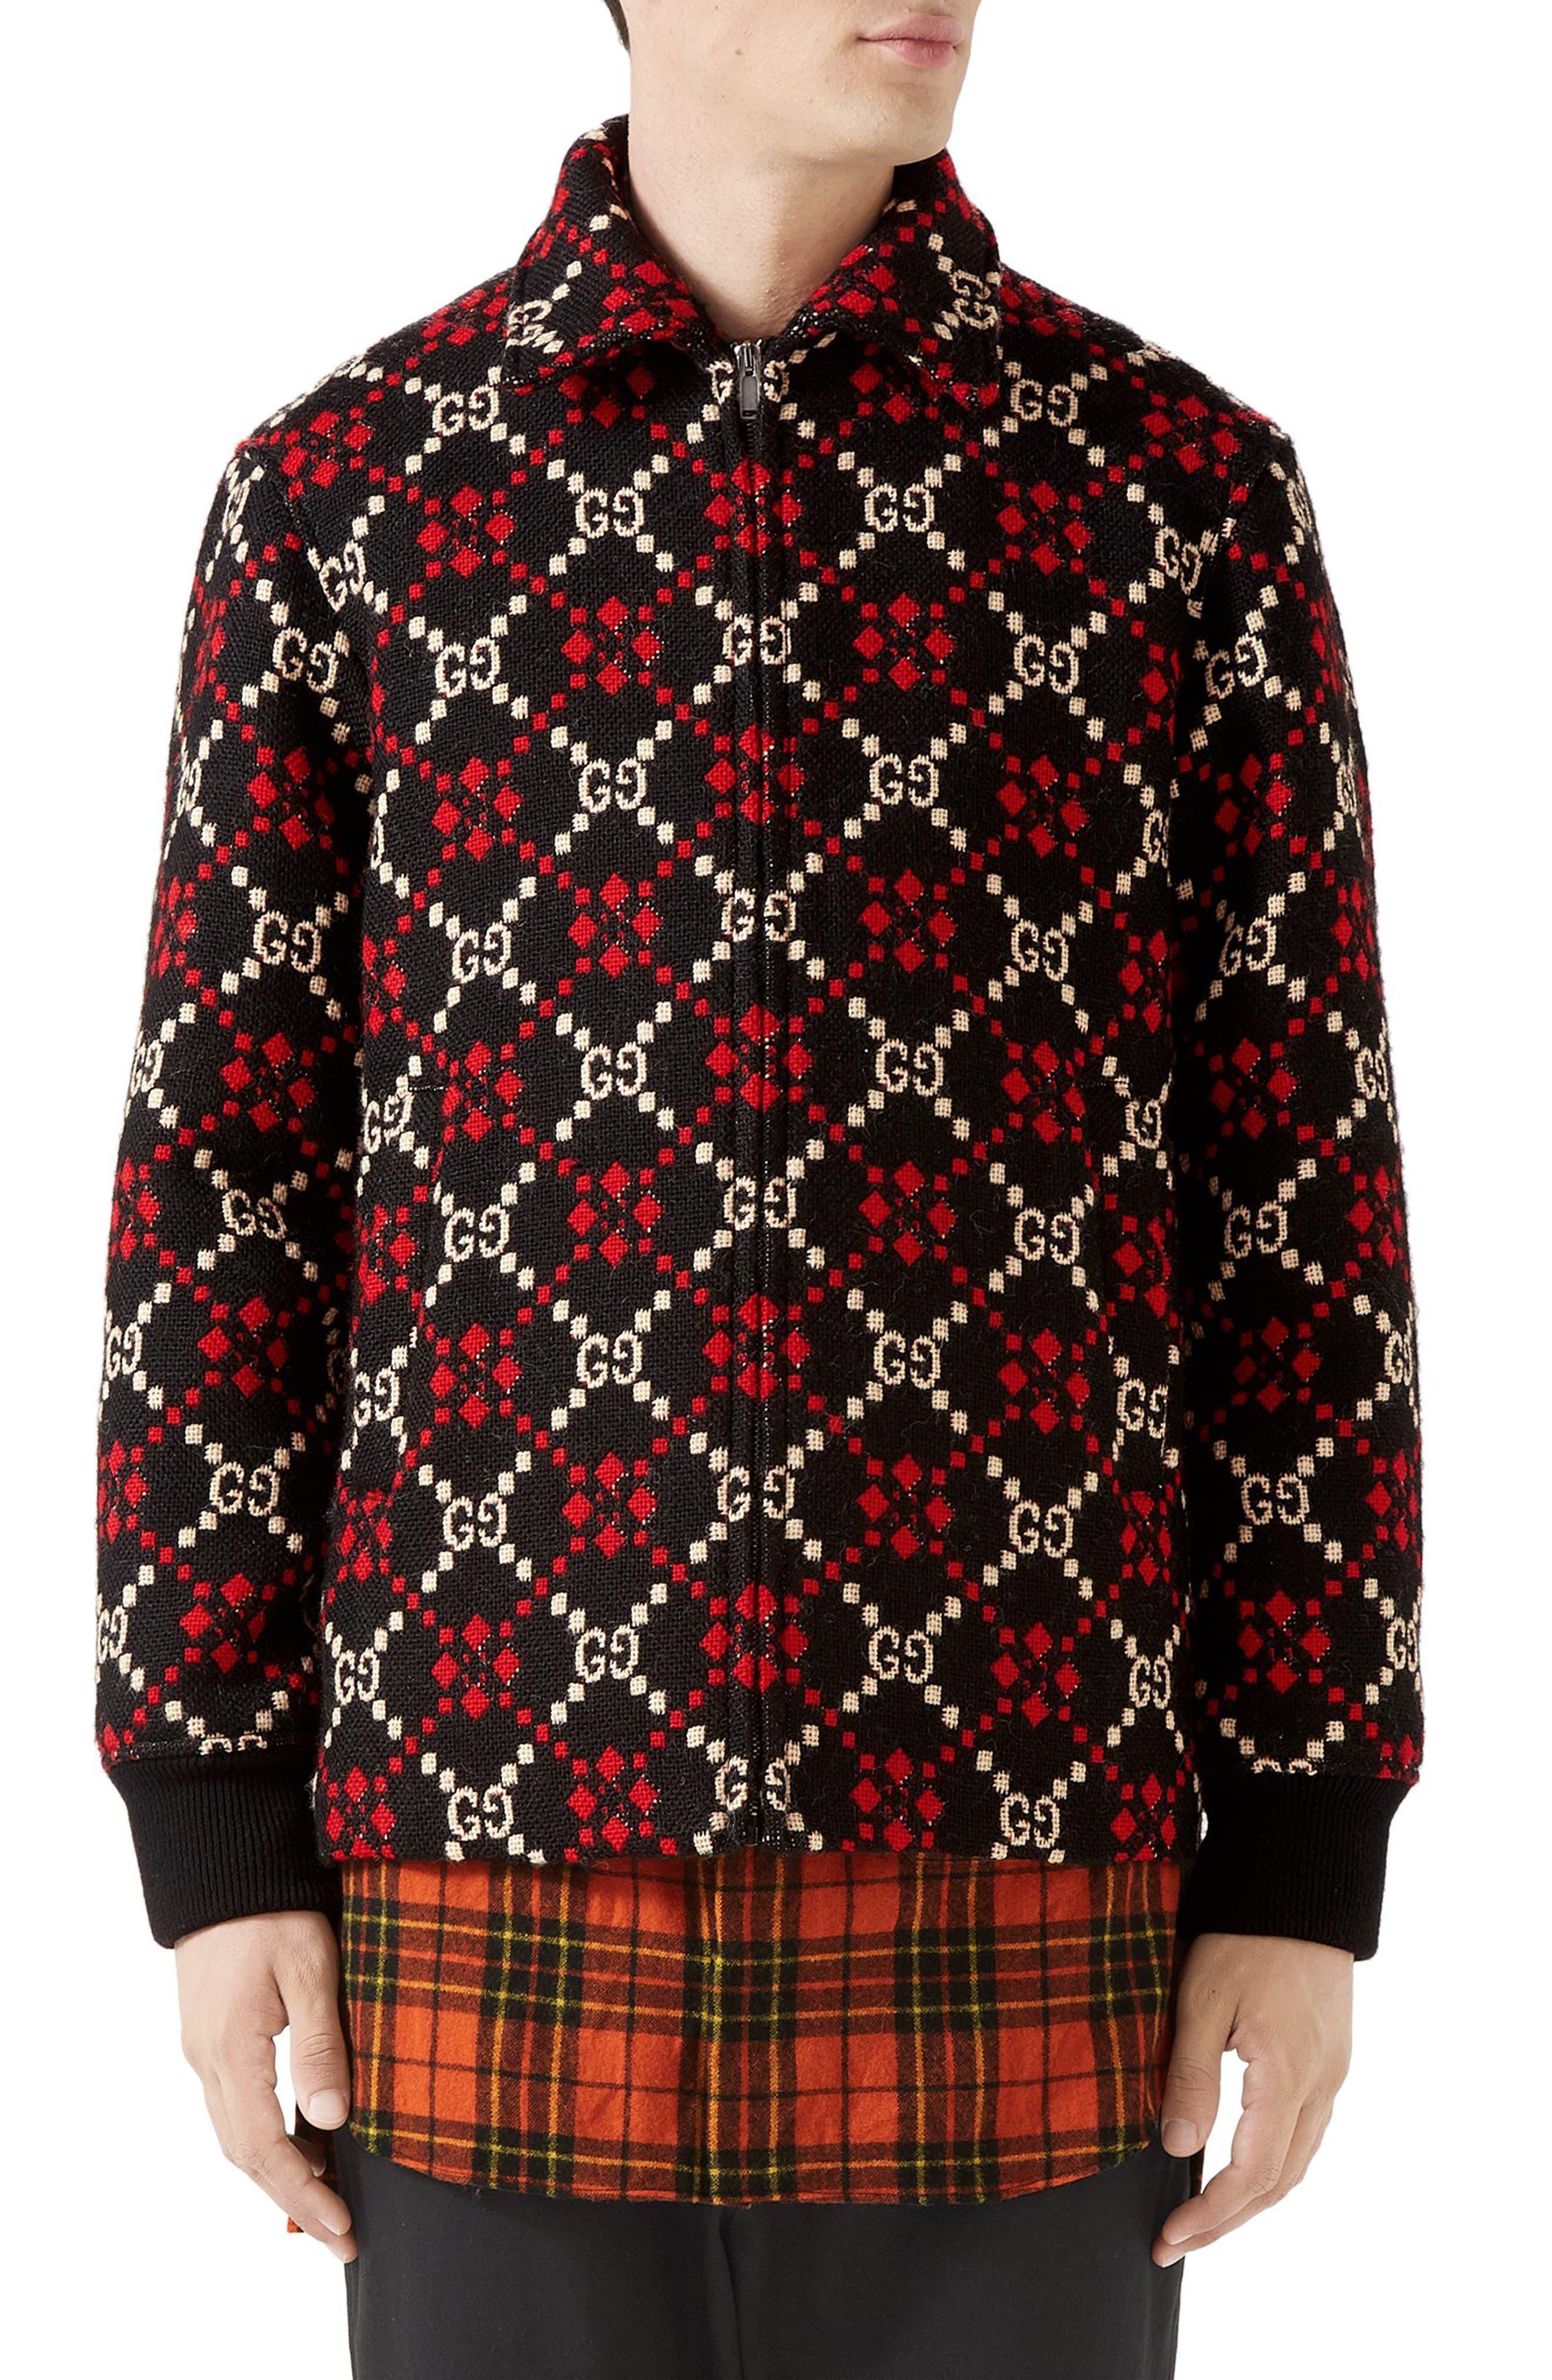 GG Wool Jacket,                             Main thumbnail 1, color,                             BLACK